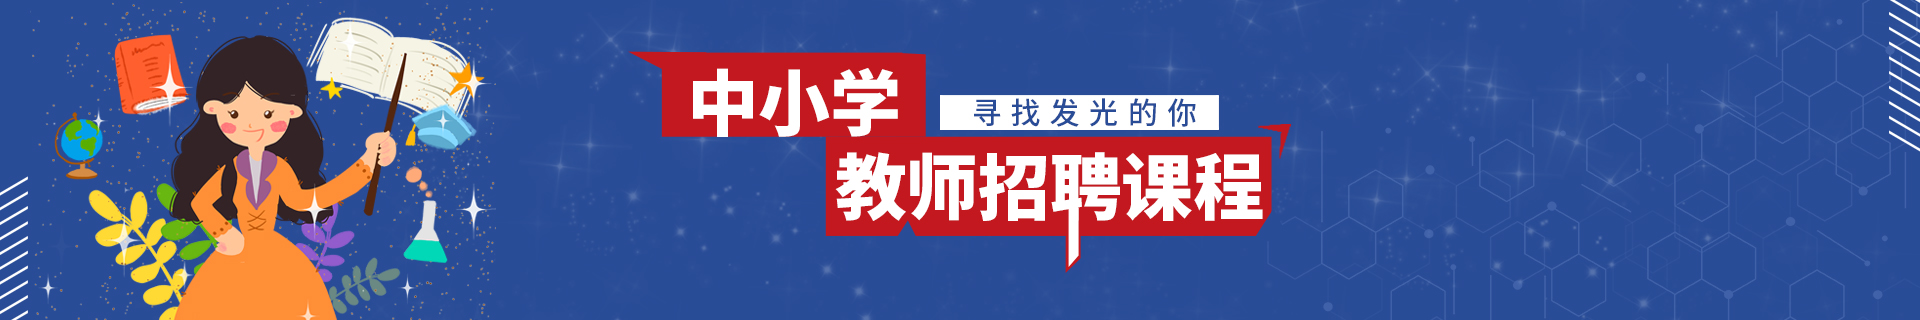 广州从化区敏试教育机构